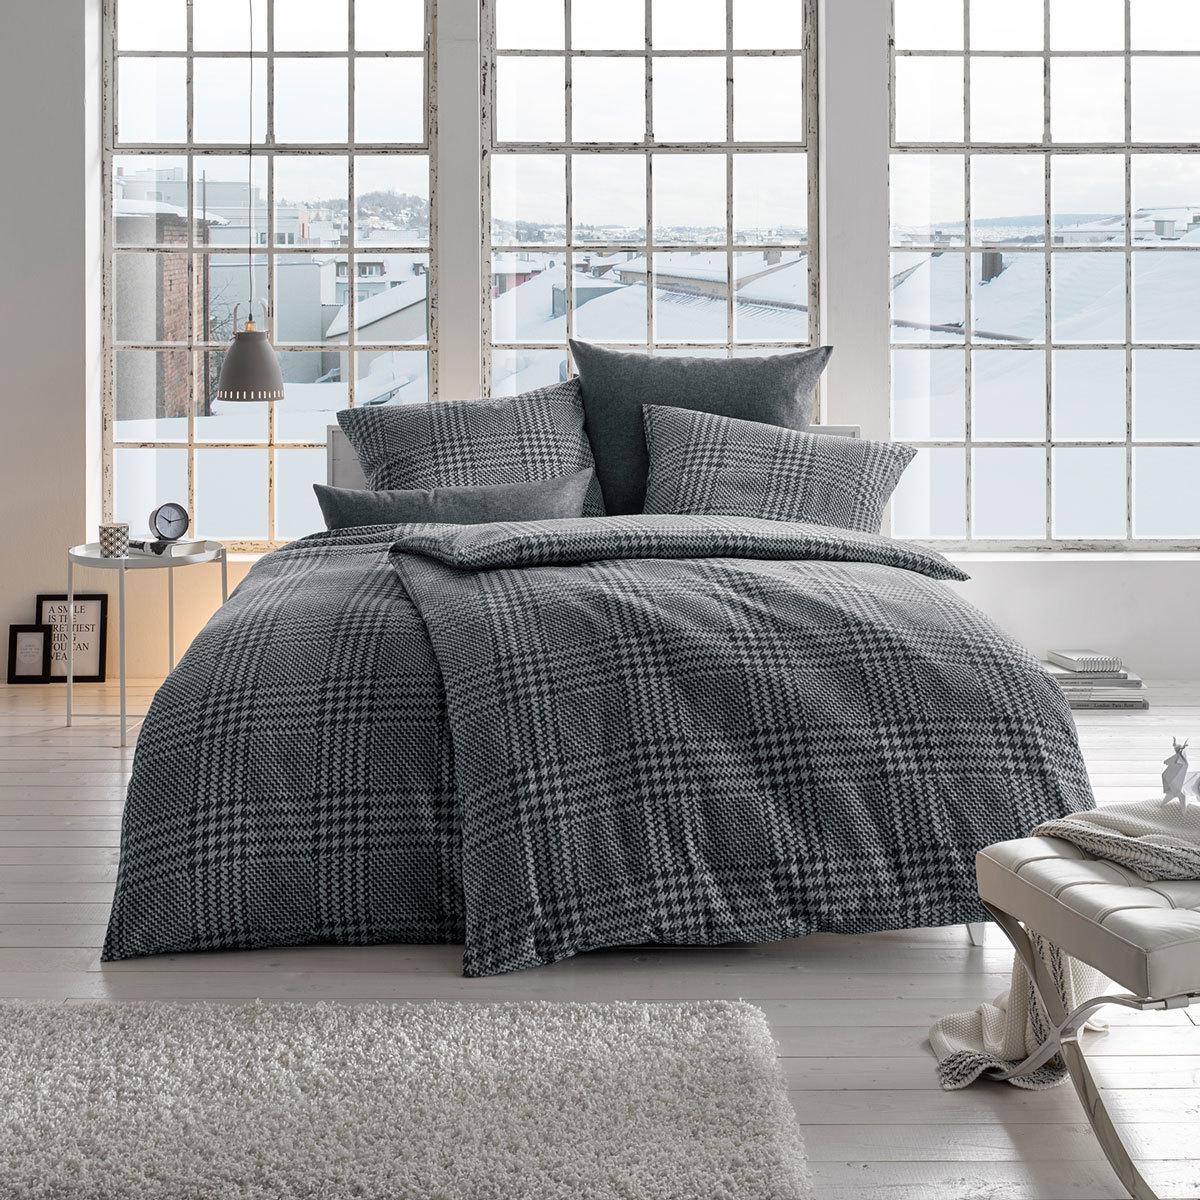 fleuresse edelflanell bettw sche hahnentritt schwarz g nstig online kaufen bei bettwaren shop. Black Bedroom Furniture Sets. Home Design Ideas